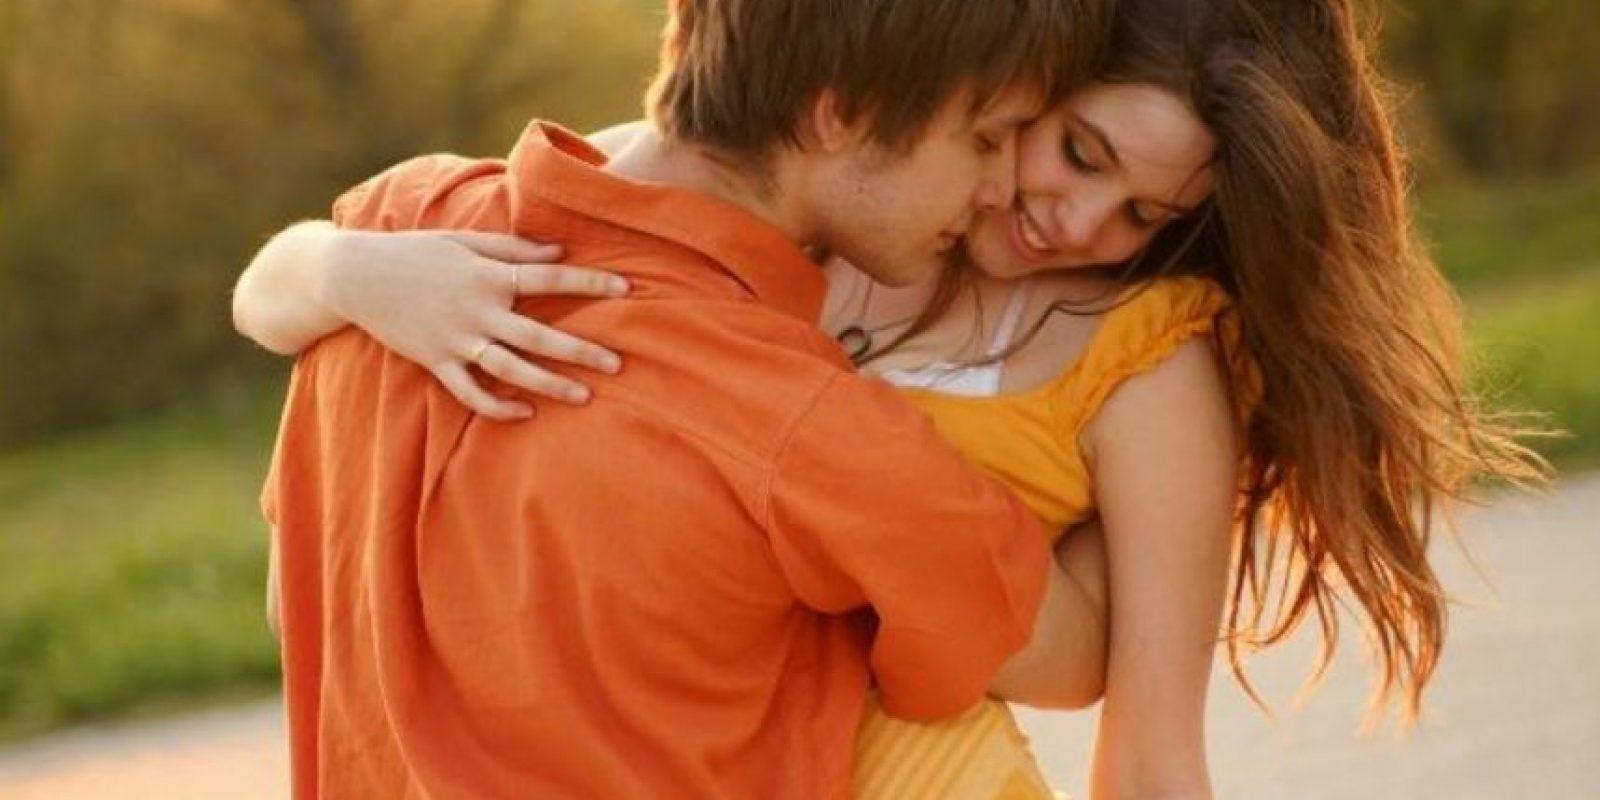 Barry Komisaruk, profesor de psicología de la Universidad Rutgers, de Nueva York, explicó que pese a que hombres y mujeres liberan oxitocina durante el orgasmo (conocida como hormona del amor), no hay indicios concluyentes que aseguren que esta hormona provoque enamoramiento, tanto en el hombre como en la mujer. Foto:Tumblr.com/Tagged/pareja